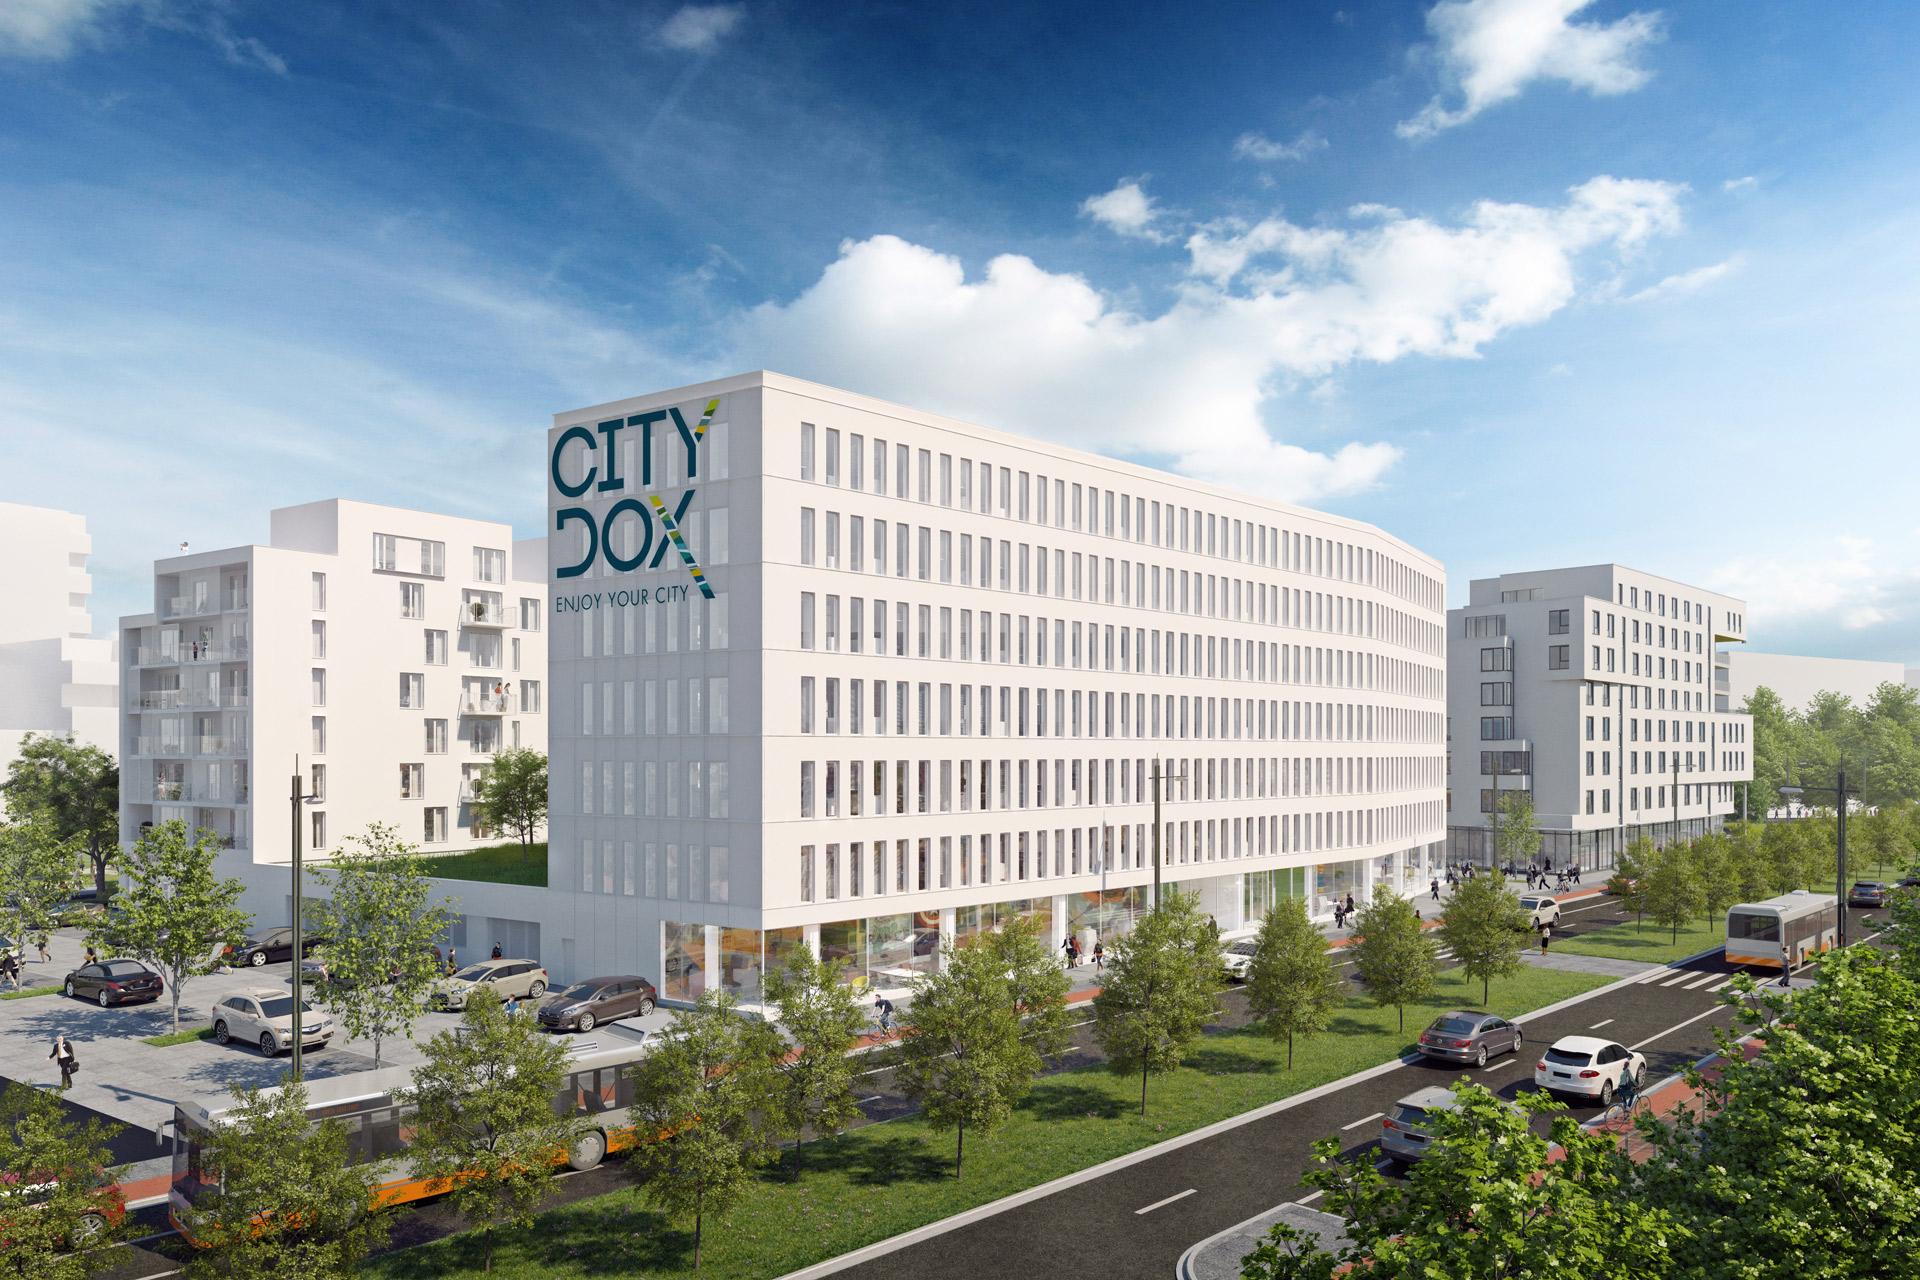 ATENOR Projet City Dox Bruxelles Vue De Coté